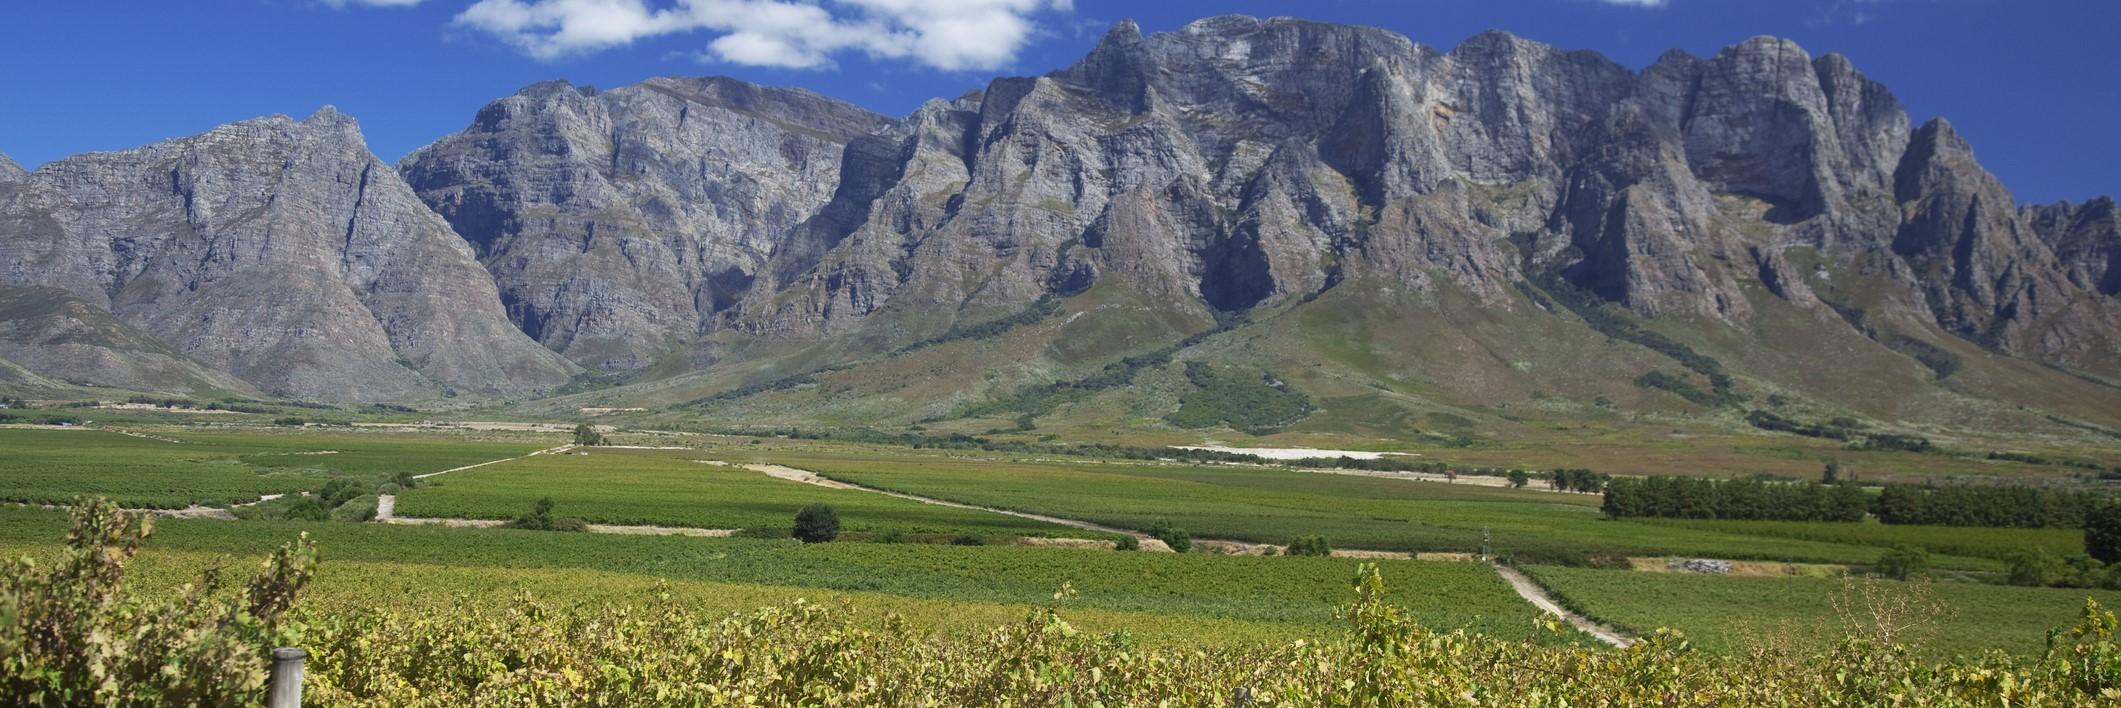 Južná Afrika - Paarl (3)